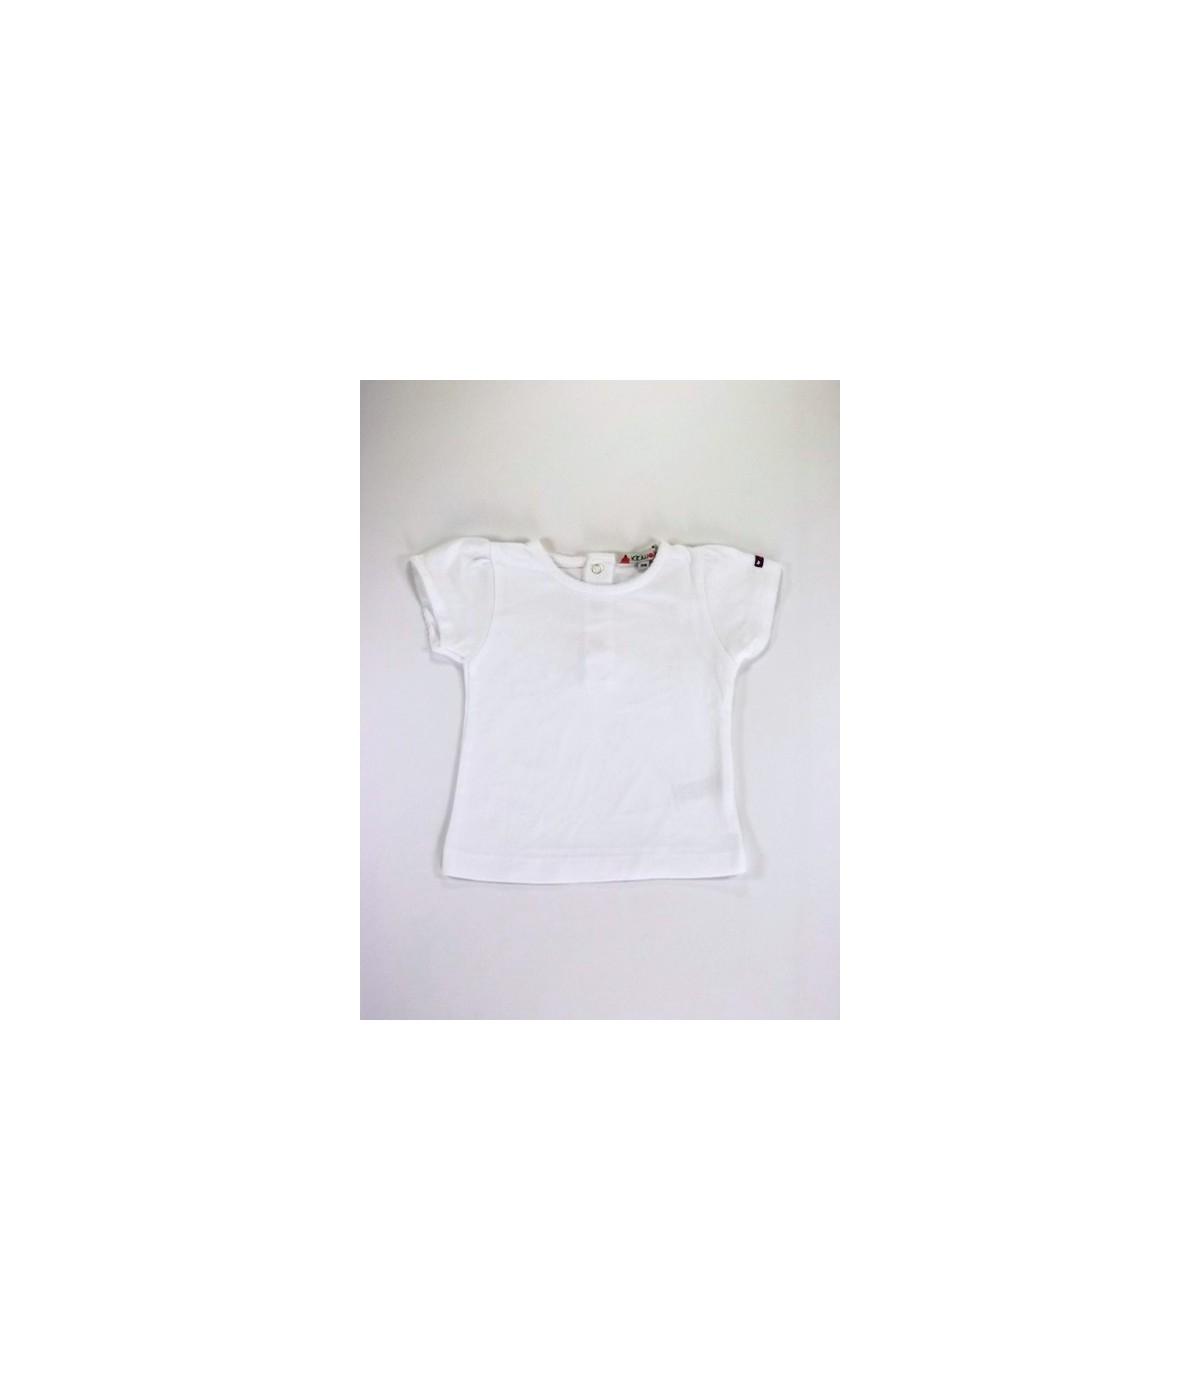 50d5fbf08 Fehér póló